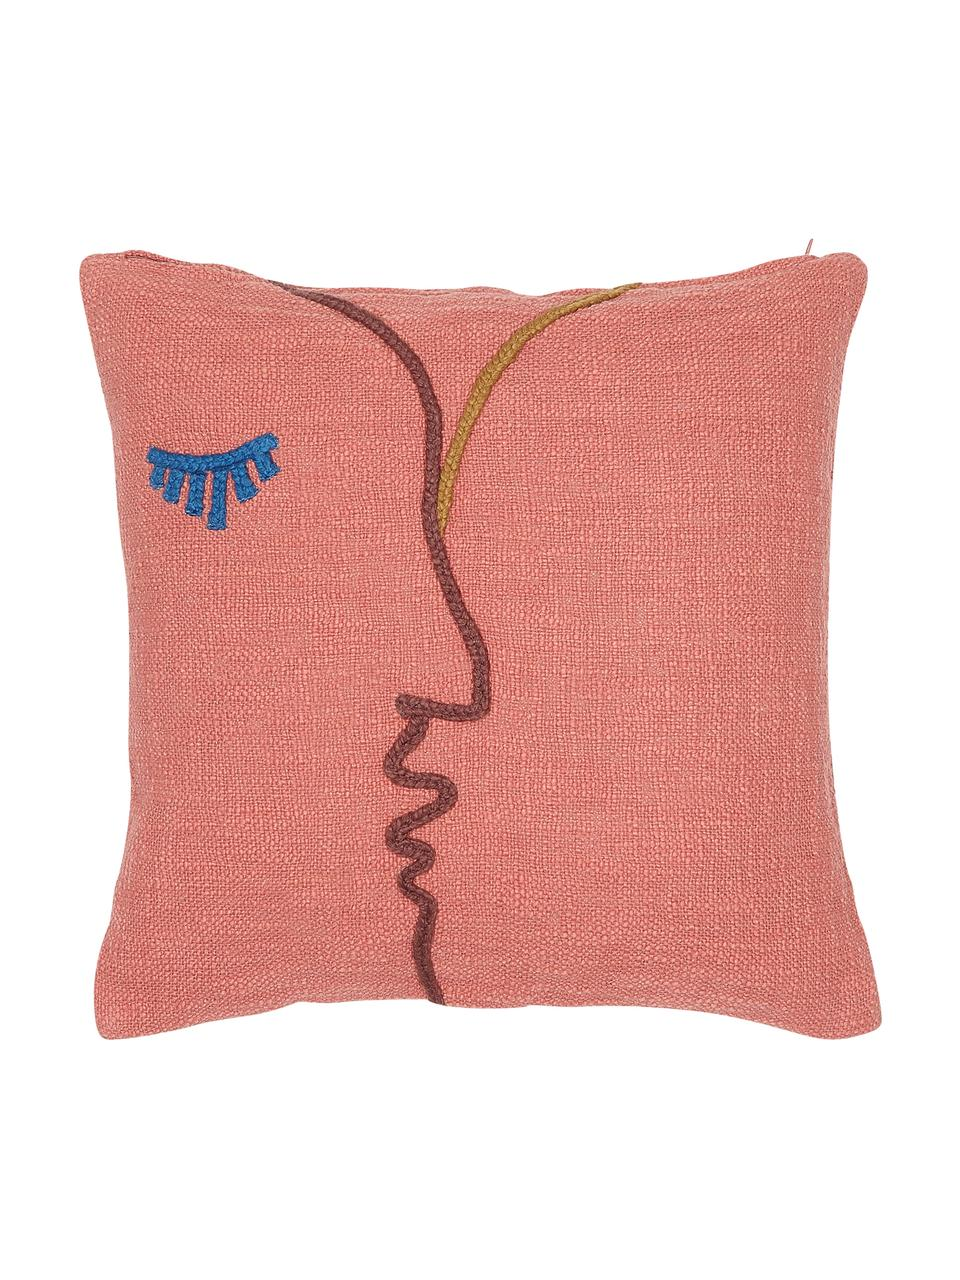 Haftowana poszewka na poduszkę z bawełny organicznej Faces, 100% bawełna organiczna, Koralowy, ciemny czerwony, niebieski, musztardowy, S 45 x D 45 cm